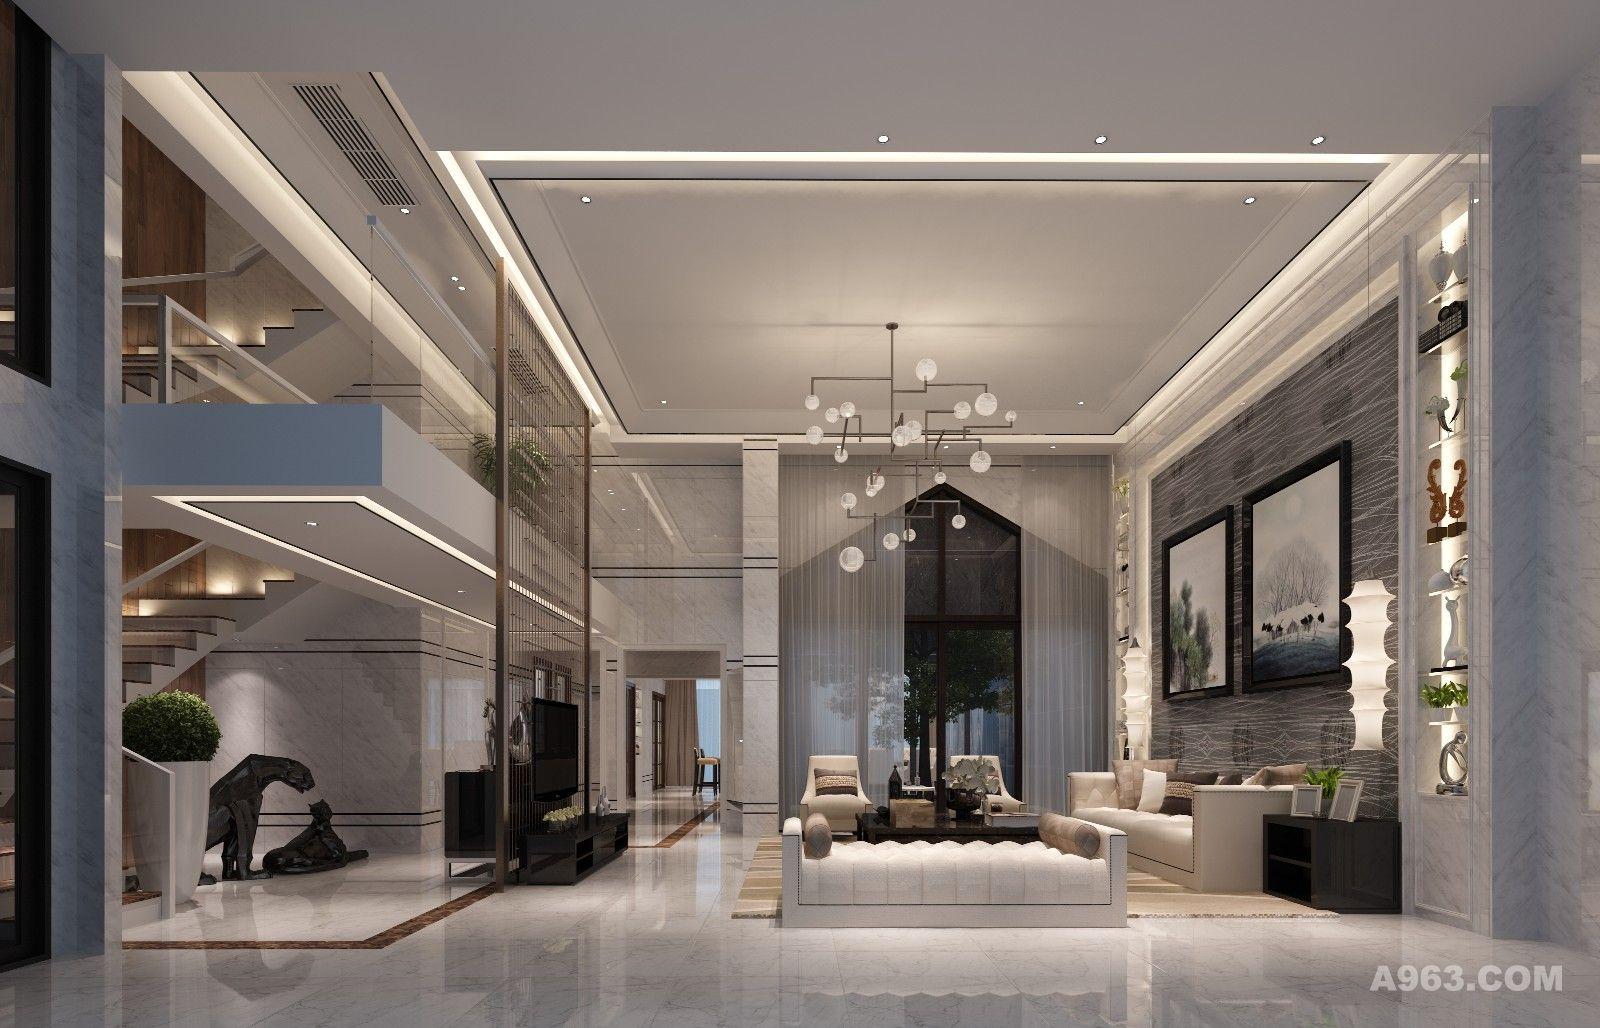 客厅以简洁示人,简练直挺而富有生命悦动感的迷人线条,硬朗的墙面与柔软的家私形成强烈的对比,凸显出经典与现代的交织感。